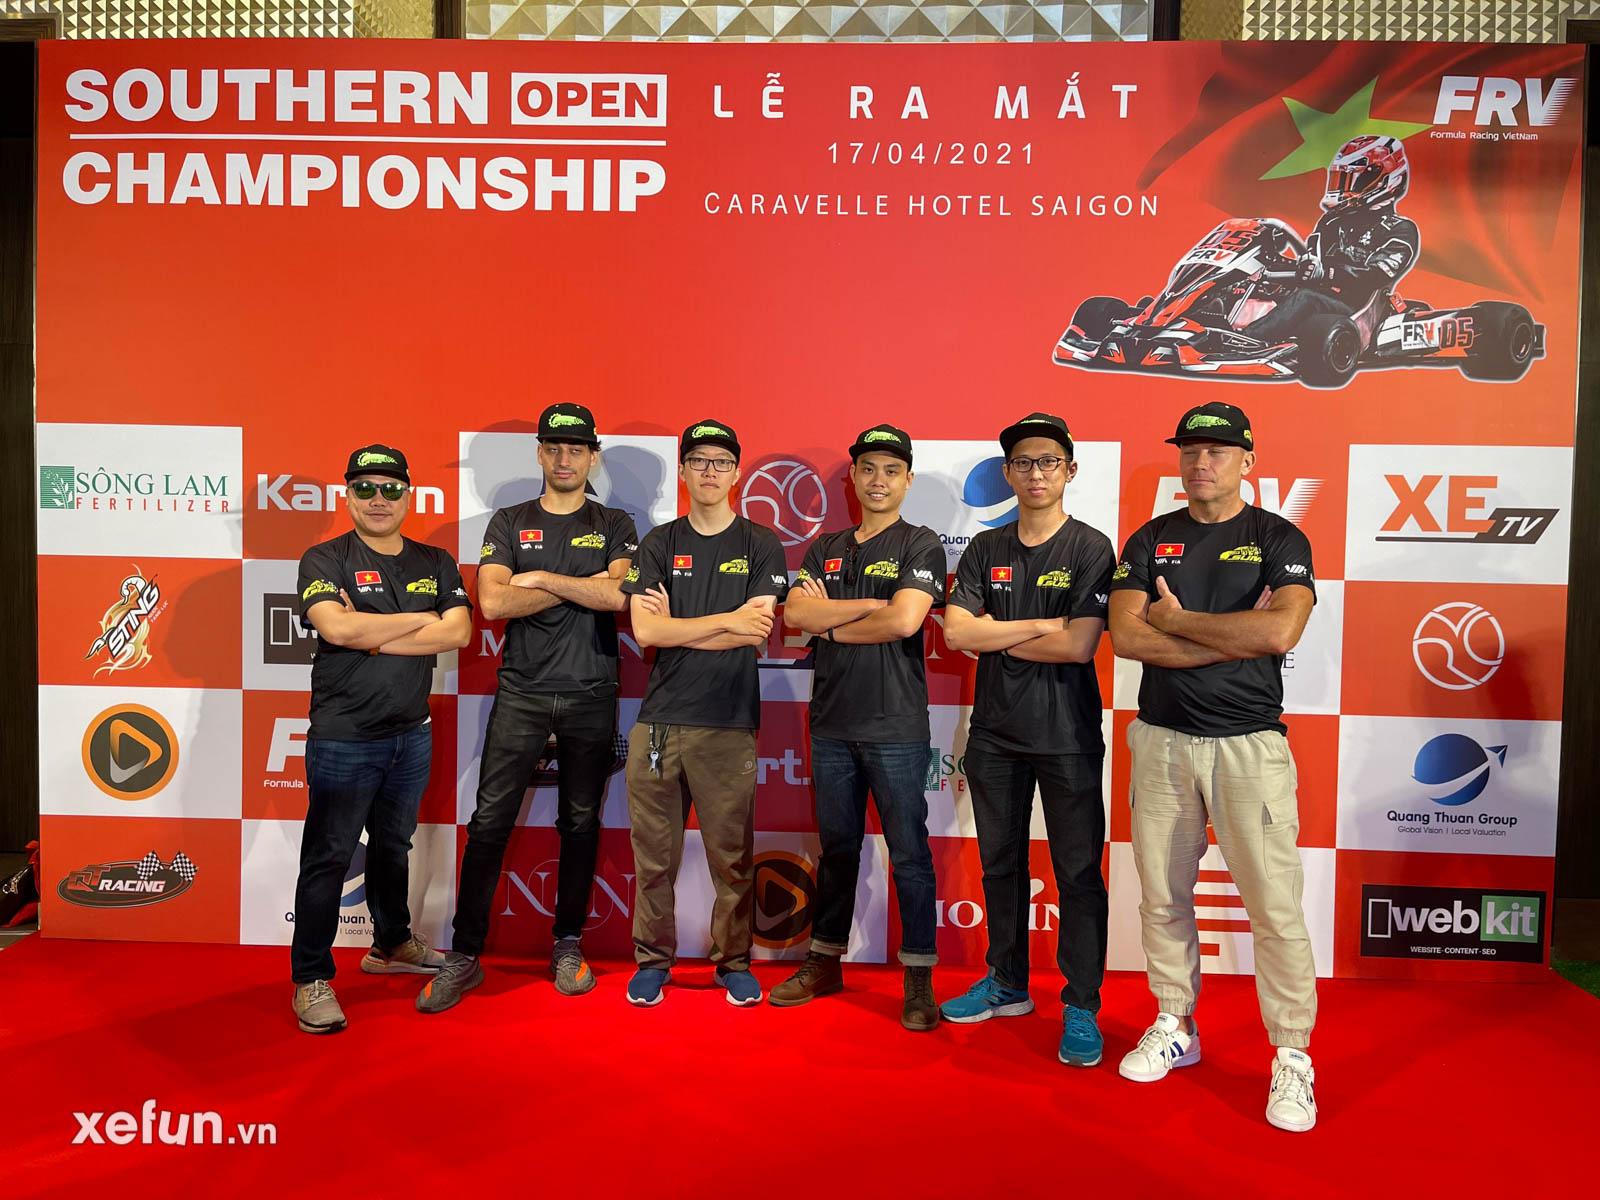 Giải đua Go Kart Southern Open Championship Formula Racing Vietnam trên Xefun (1)46576